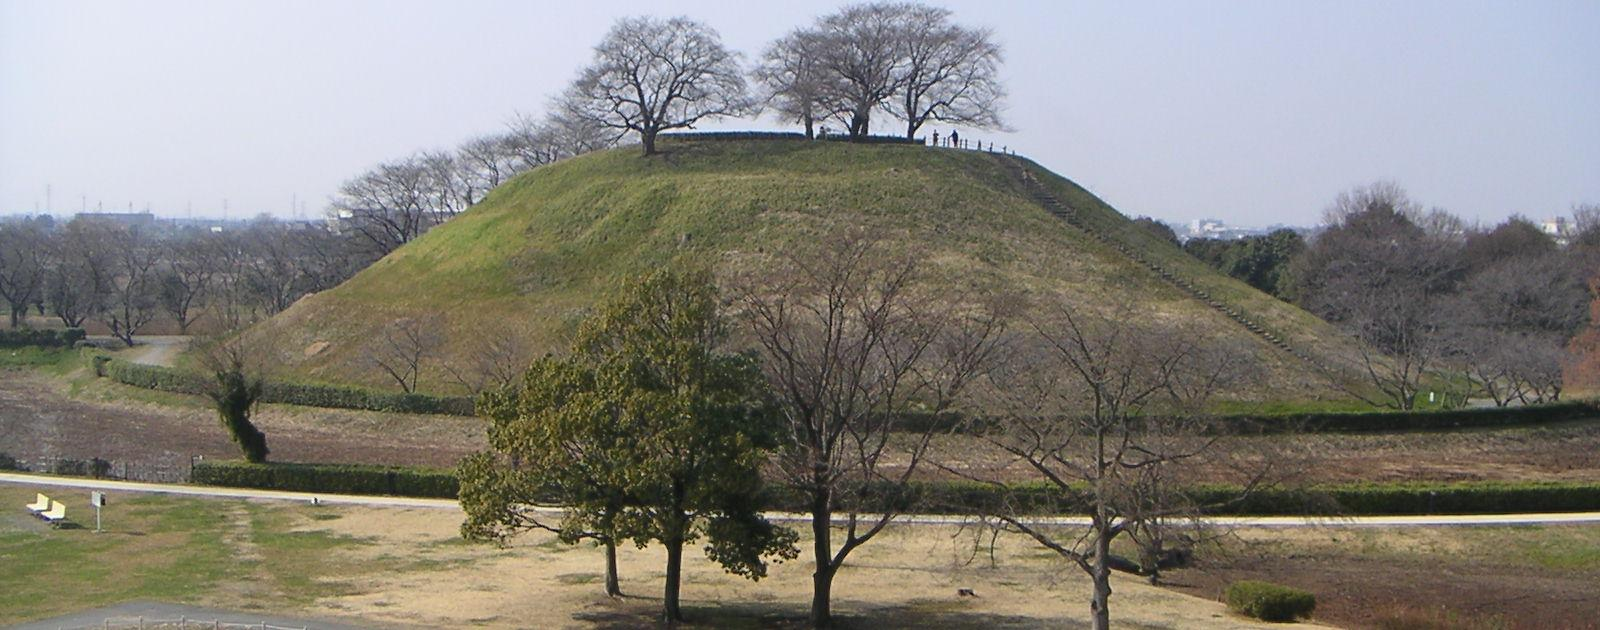 石田三成が布陣した丸墓山古墳/Wikipediaより引用